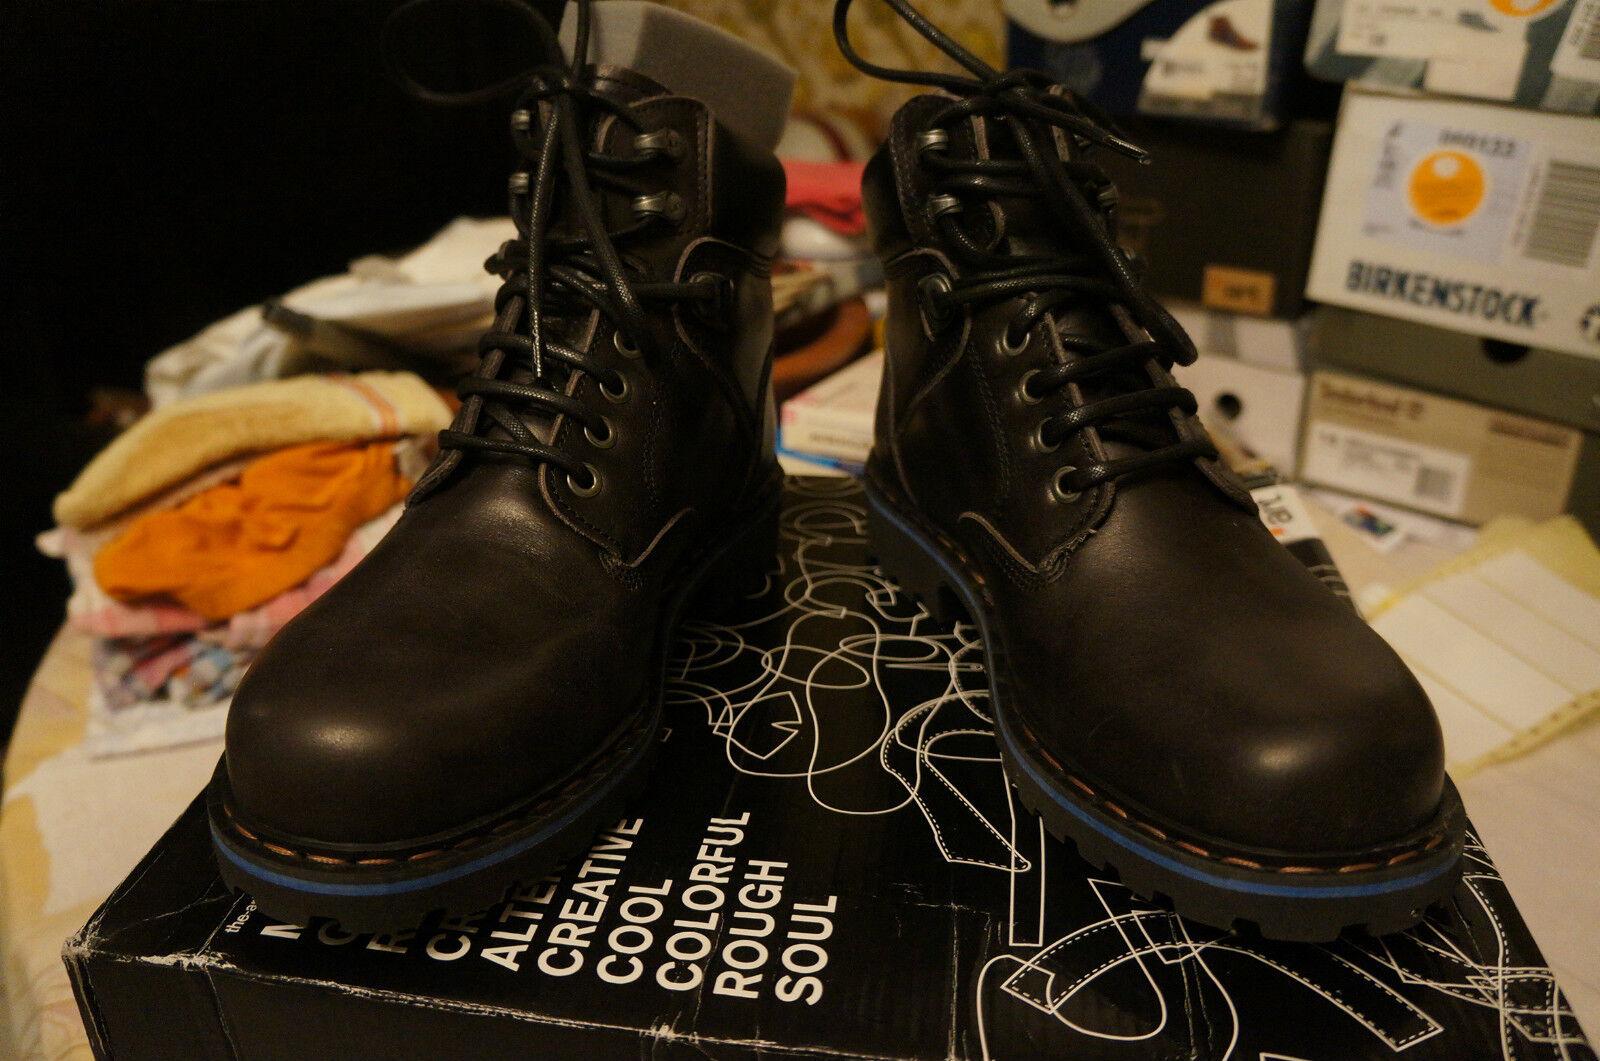 Art 574 Birmingham, botas de Neige homme, negro (negro), 42 EU